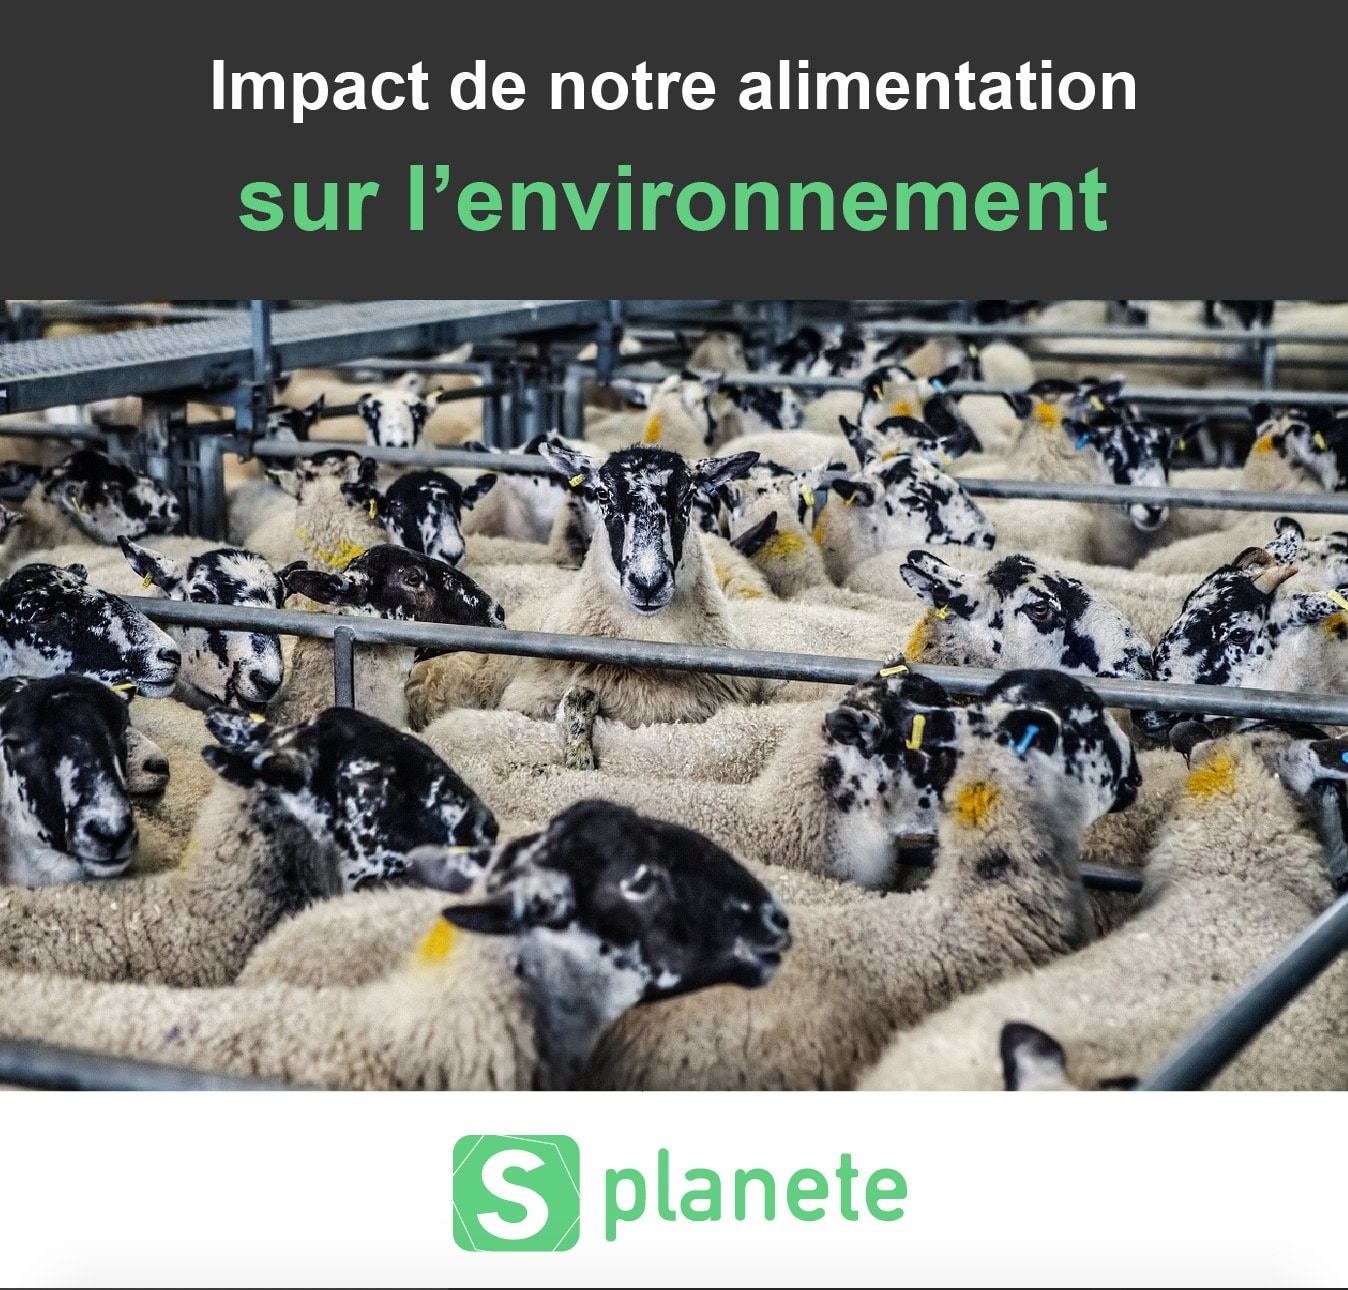 l'impact de l'alimentation sur l'environnement